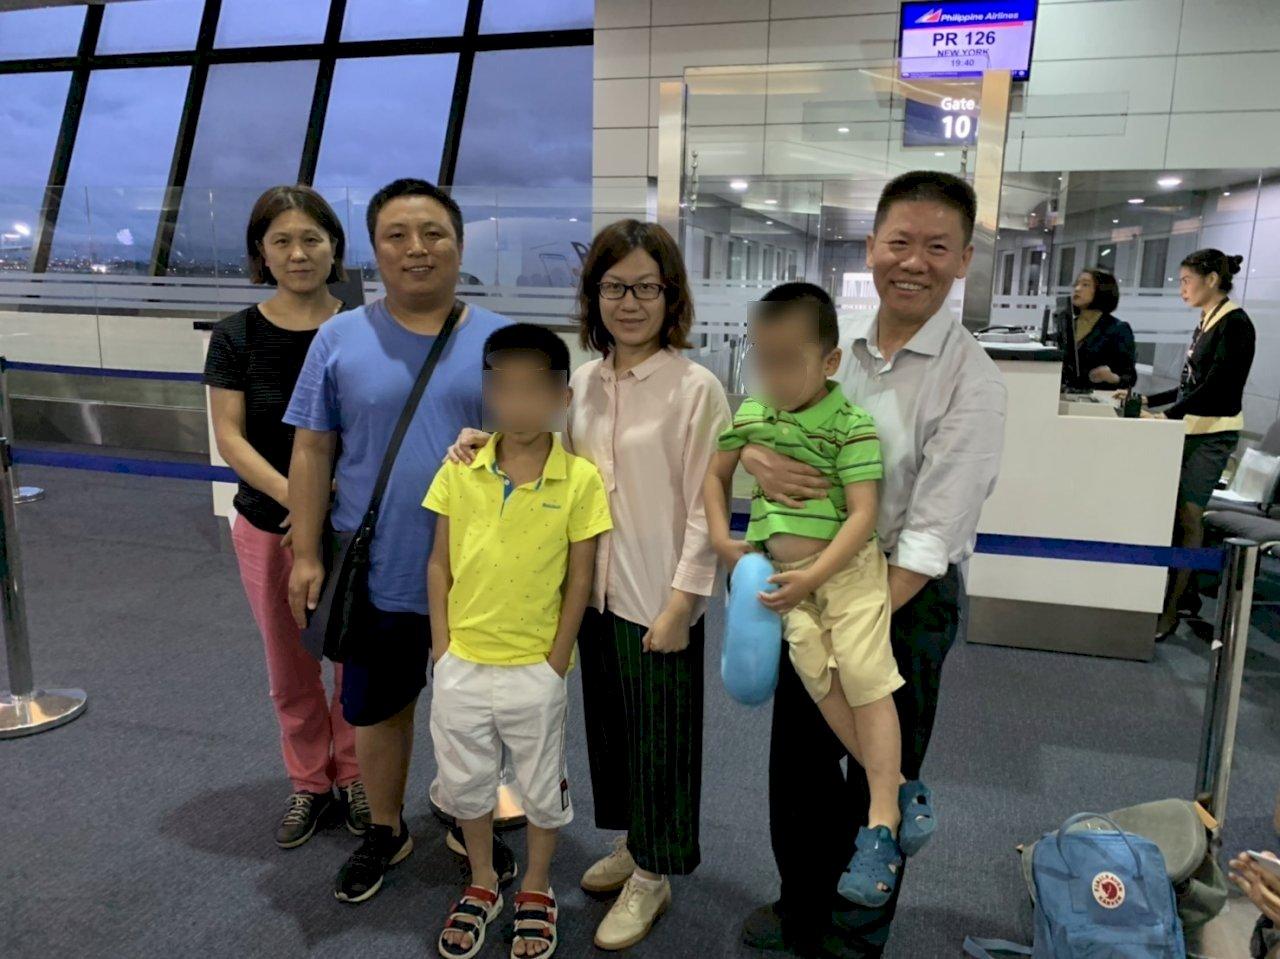 【獨家】擺脫中共監控! 709維權律師陳建剛成功赴美